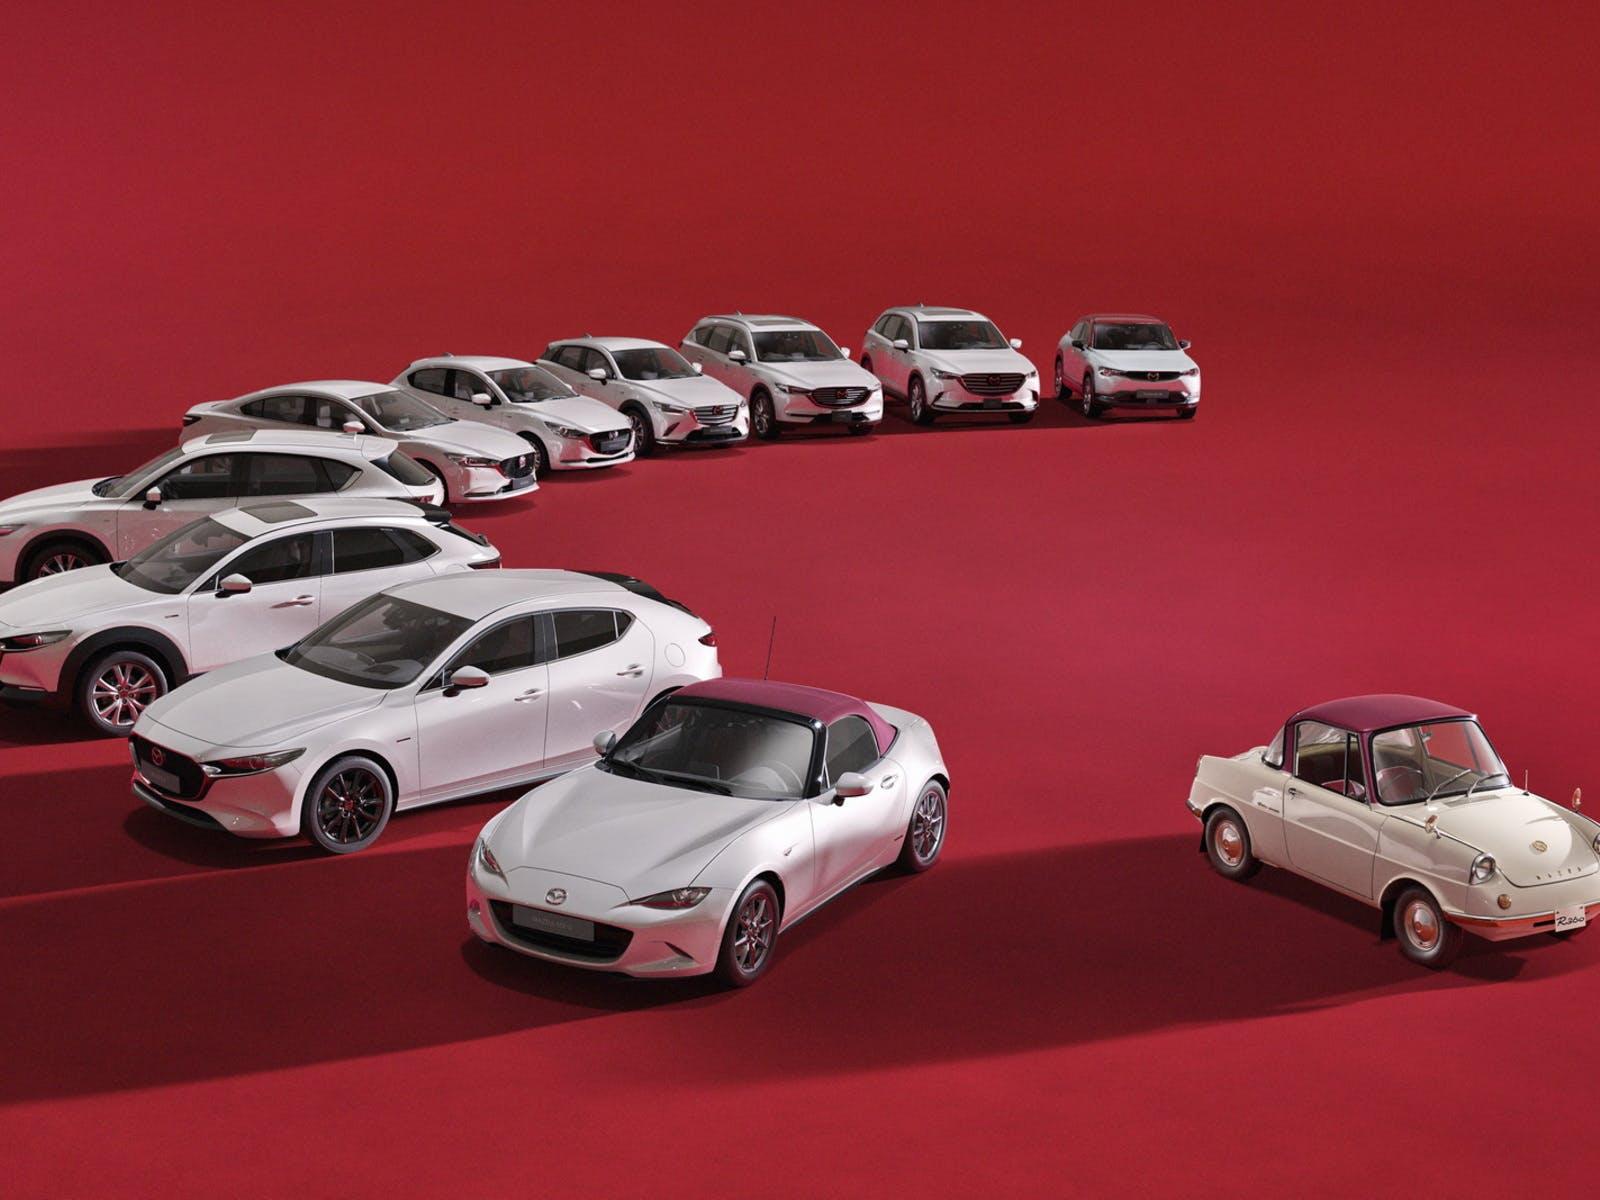 Mazda 100th anniversary 1920-2020 edizione speciale